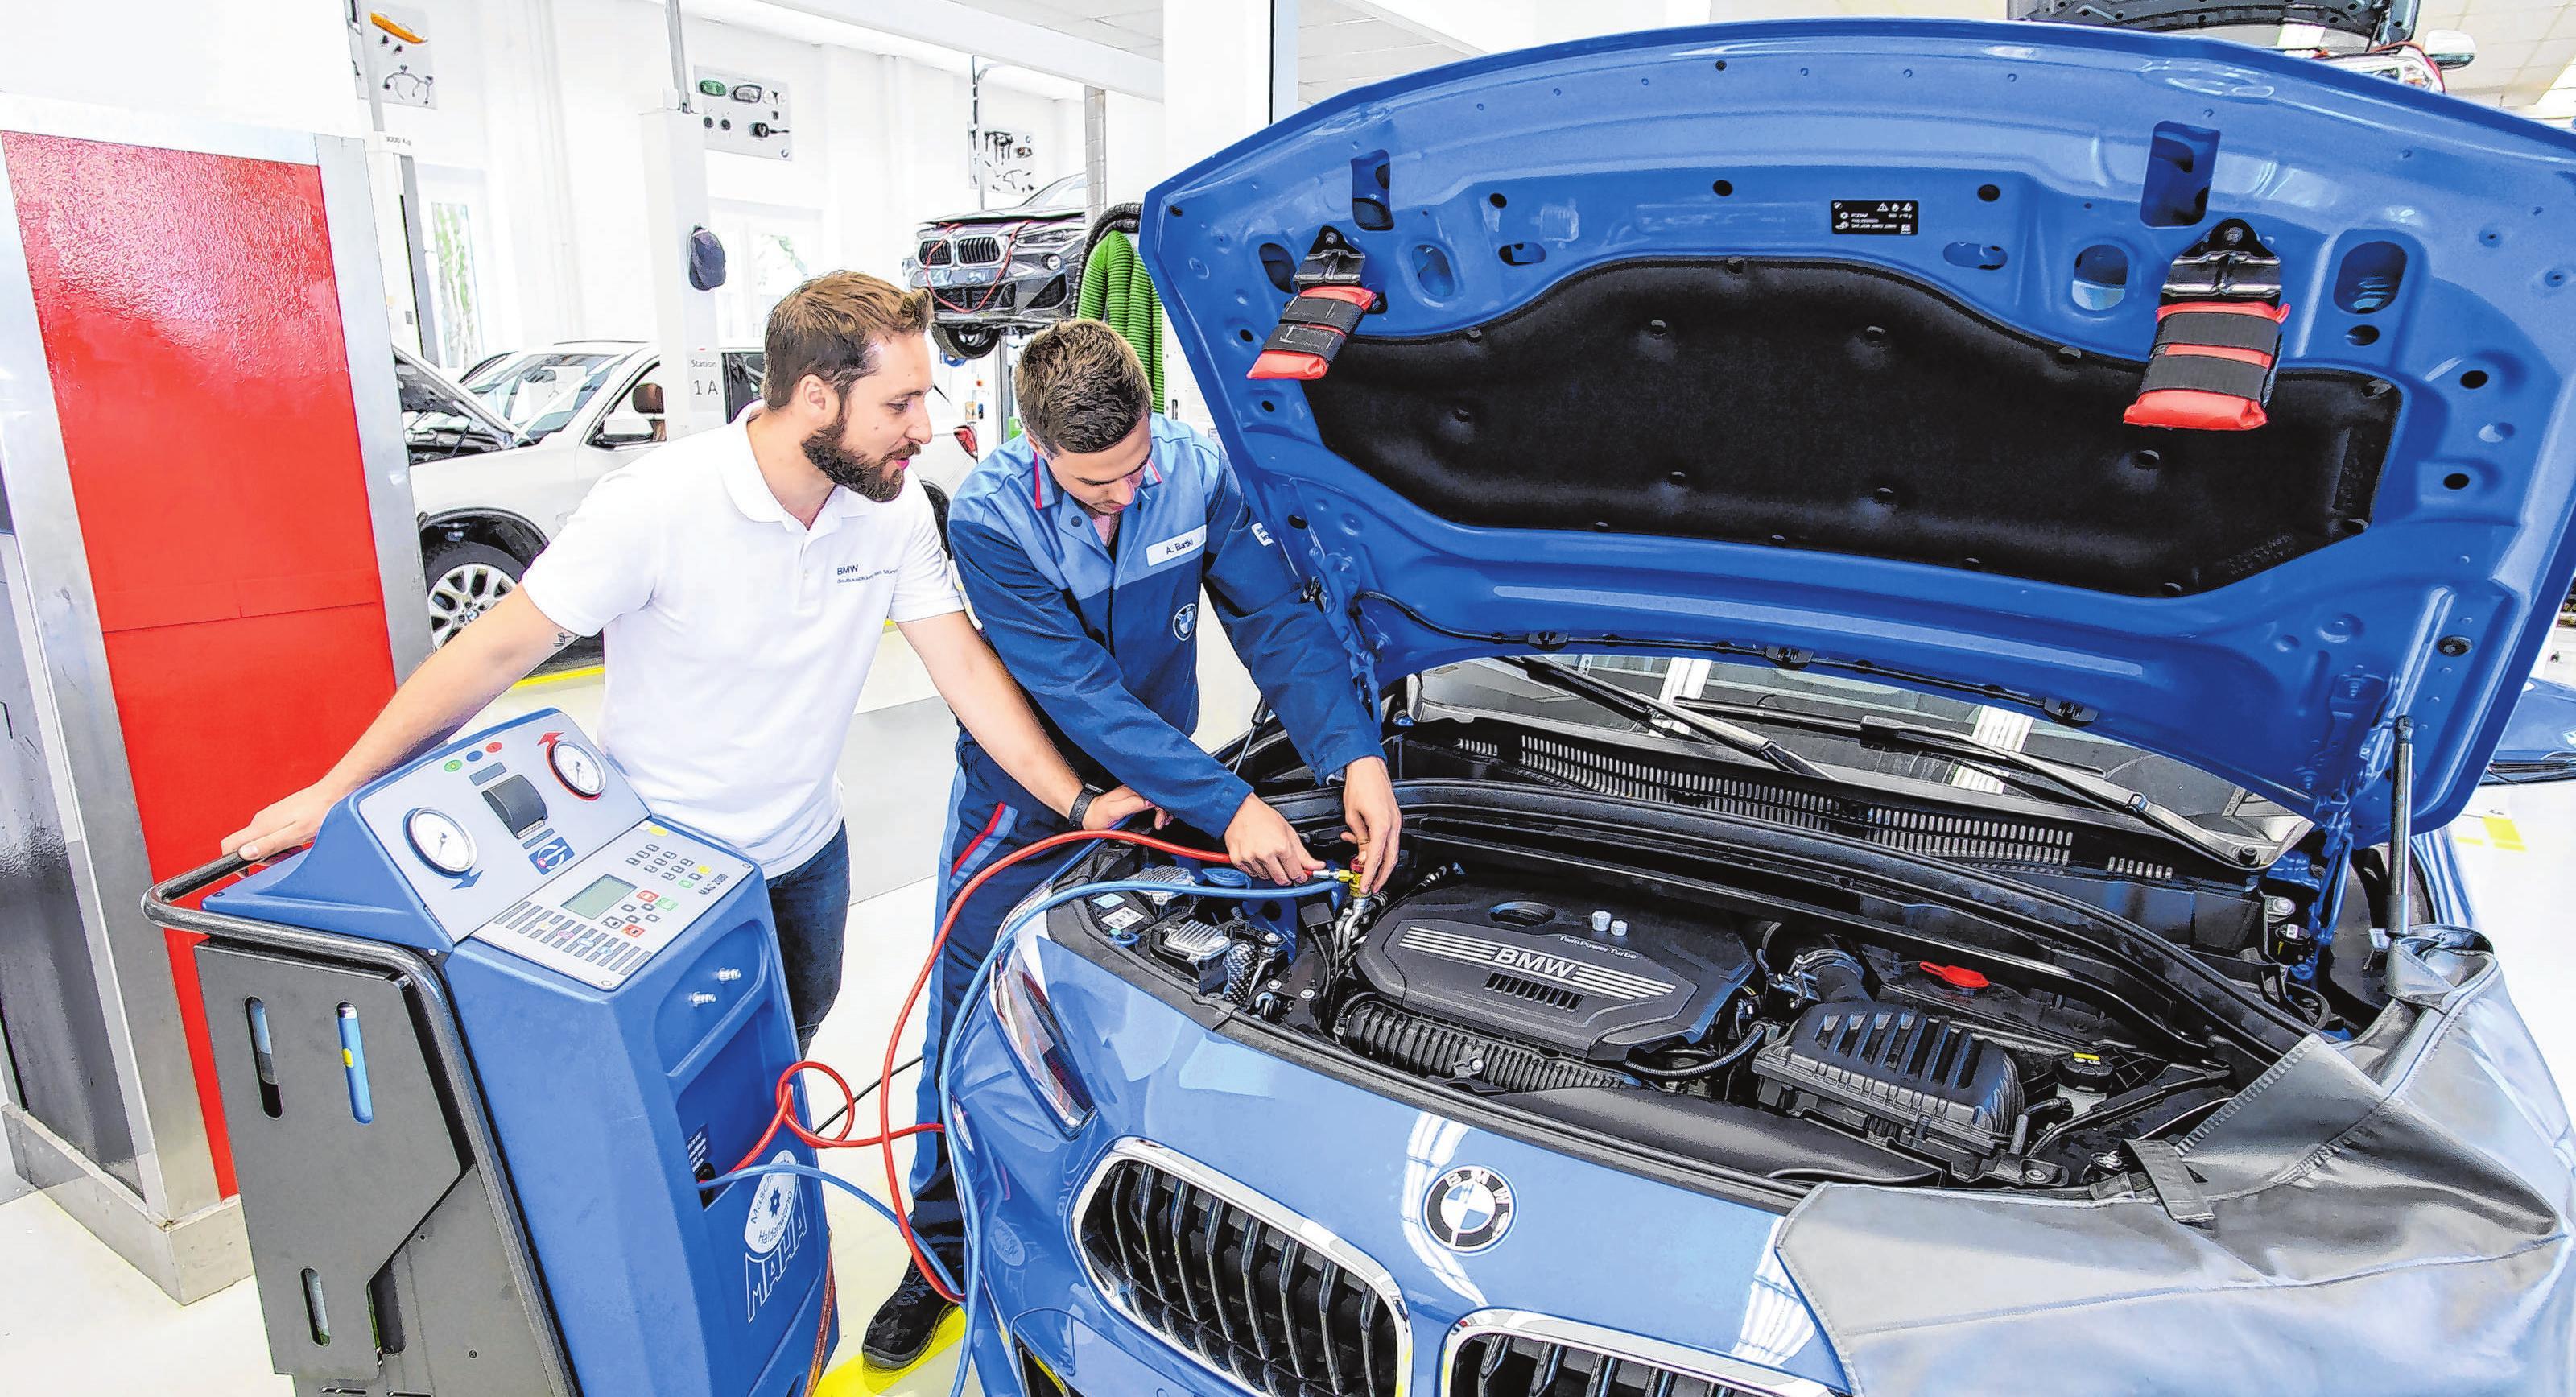 Am Anfang ihrer Ausbildung arbeiten angehende Kfz-Mechatroniker bei BMW meistens unter Anleitung. Hier zeigt Ausbilder Florian Pachur (l) Azubi Andreas Batki, wie man die Klimaanlage eines BMW X2 betankt.